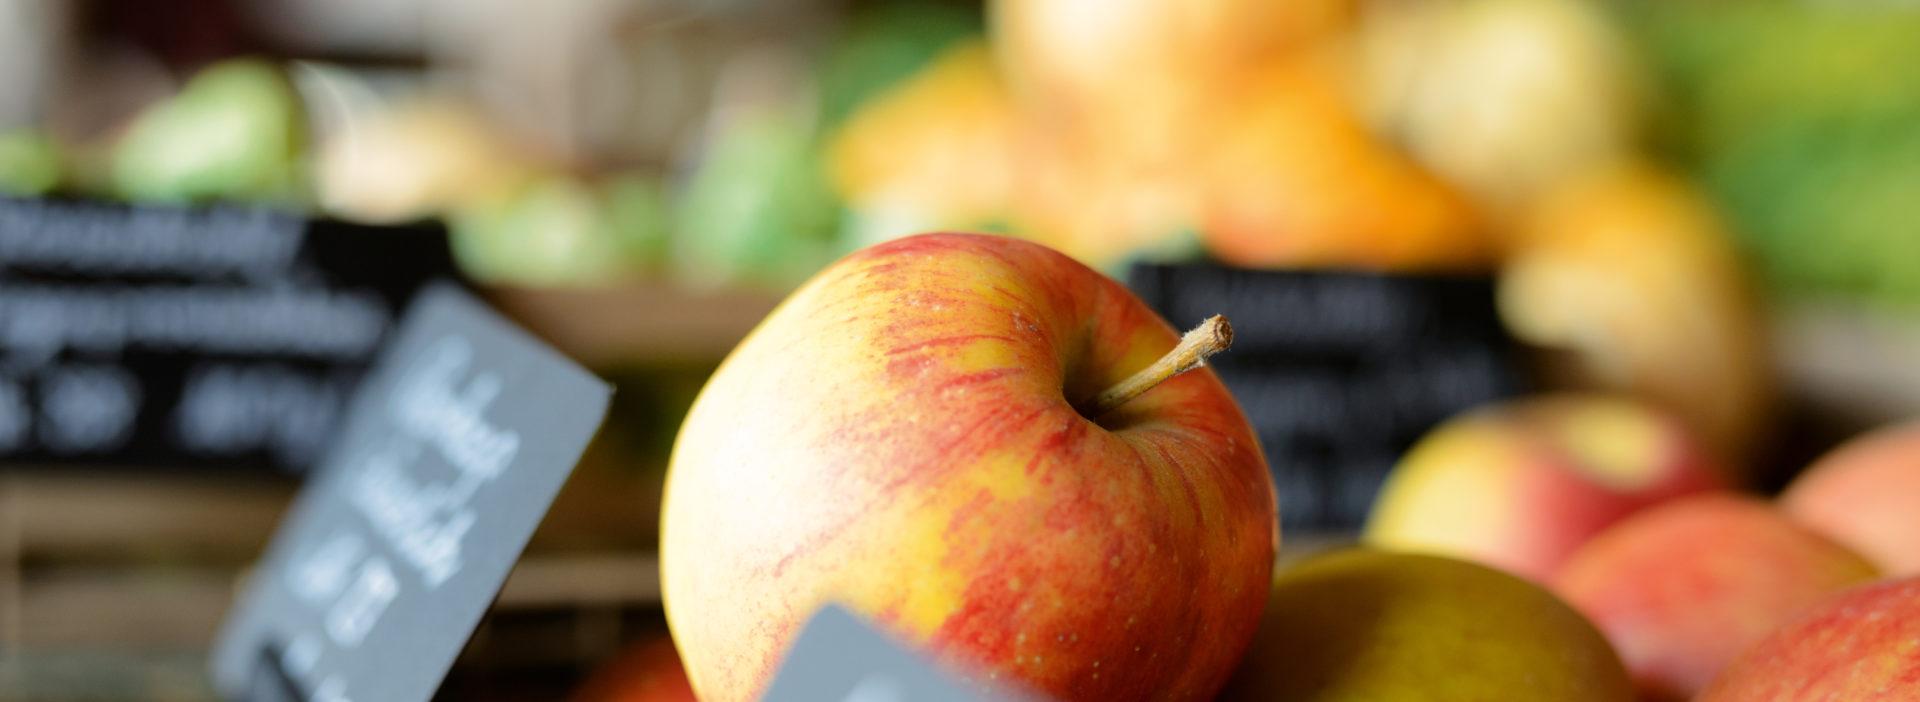 Apfel Hofladen